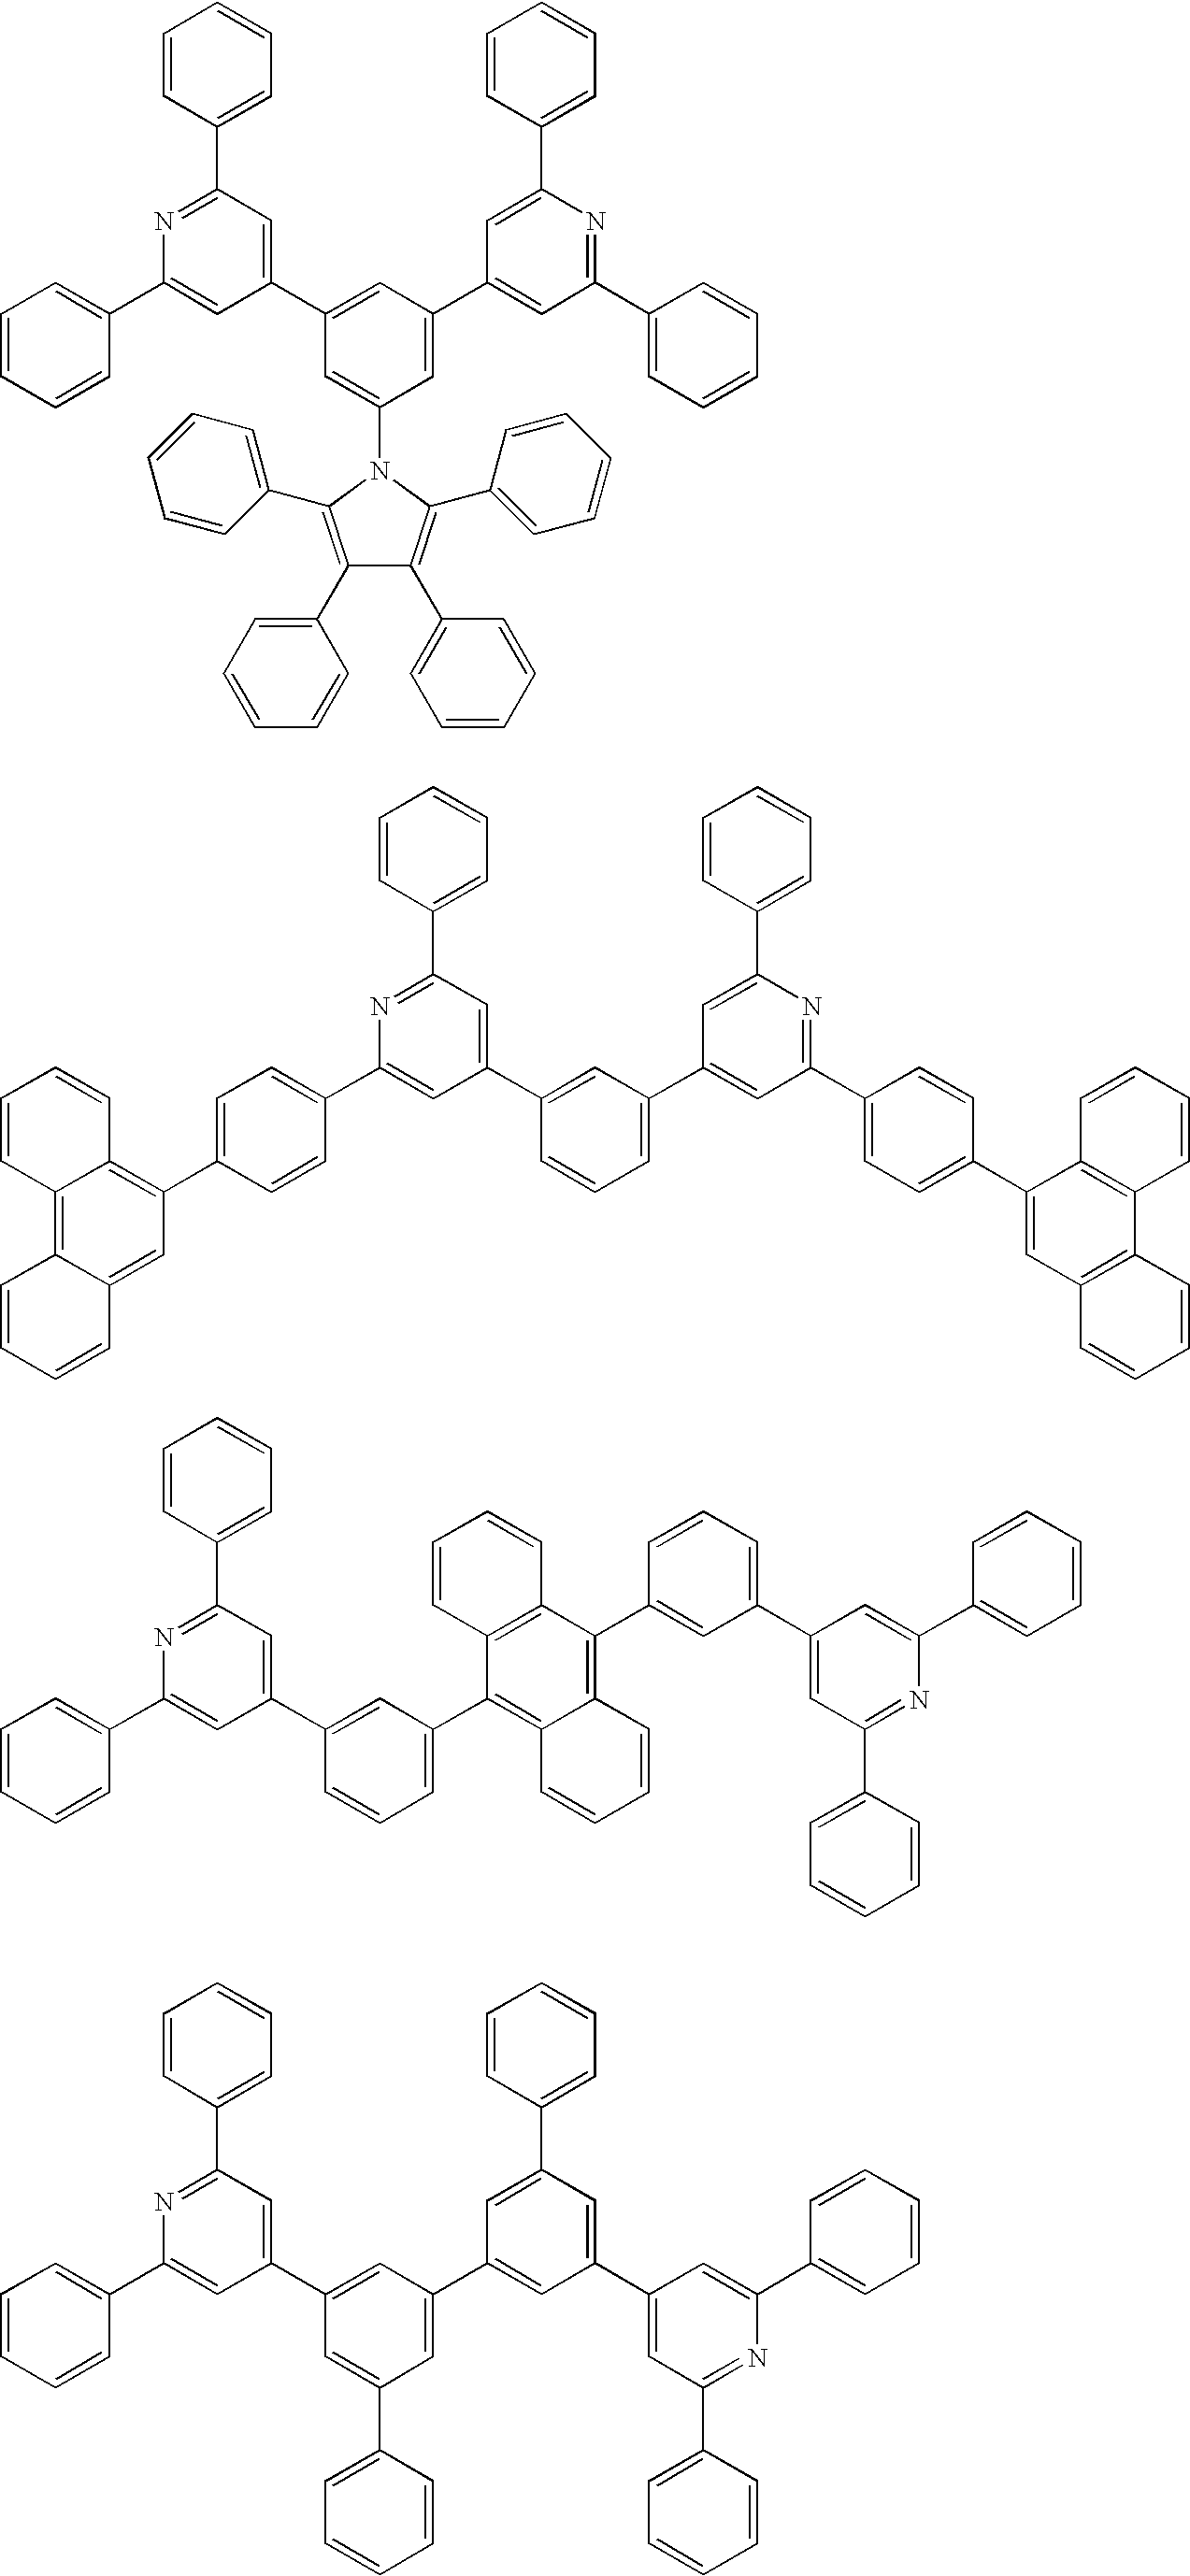 Figure US20060186796A1-20060824-C00059